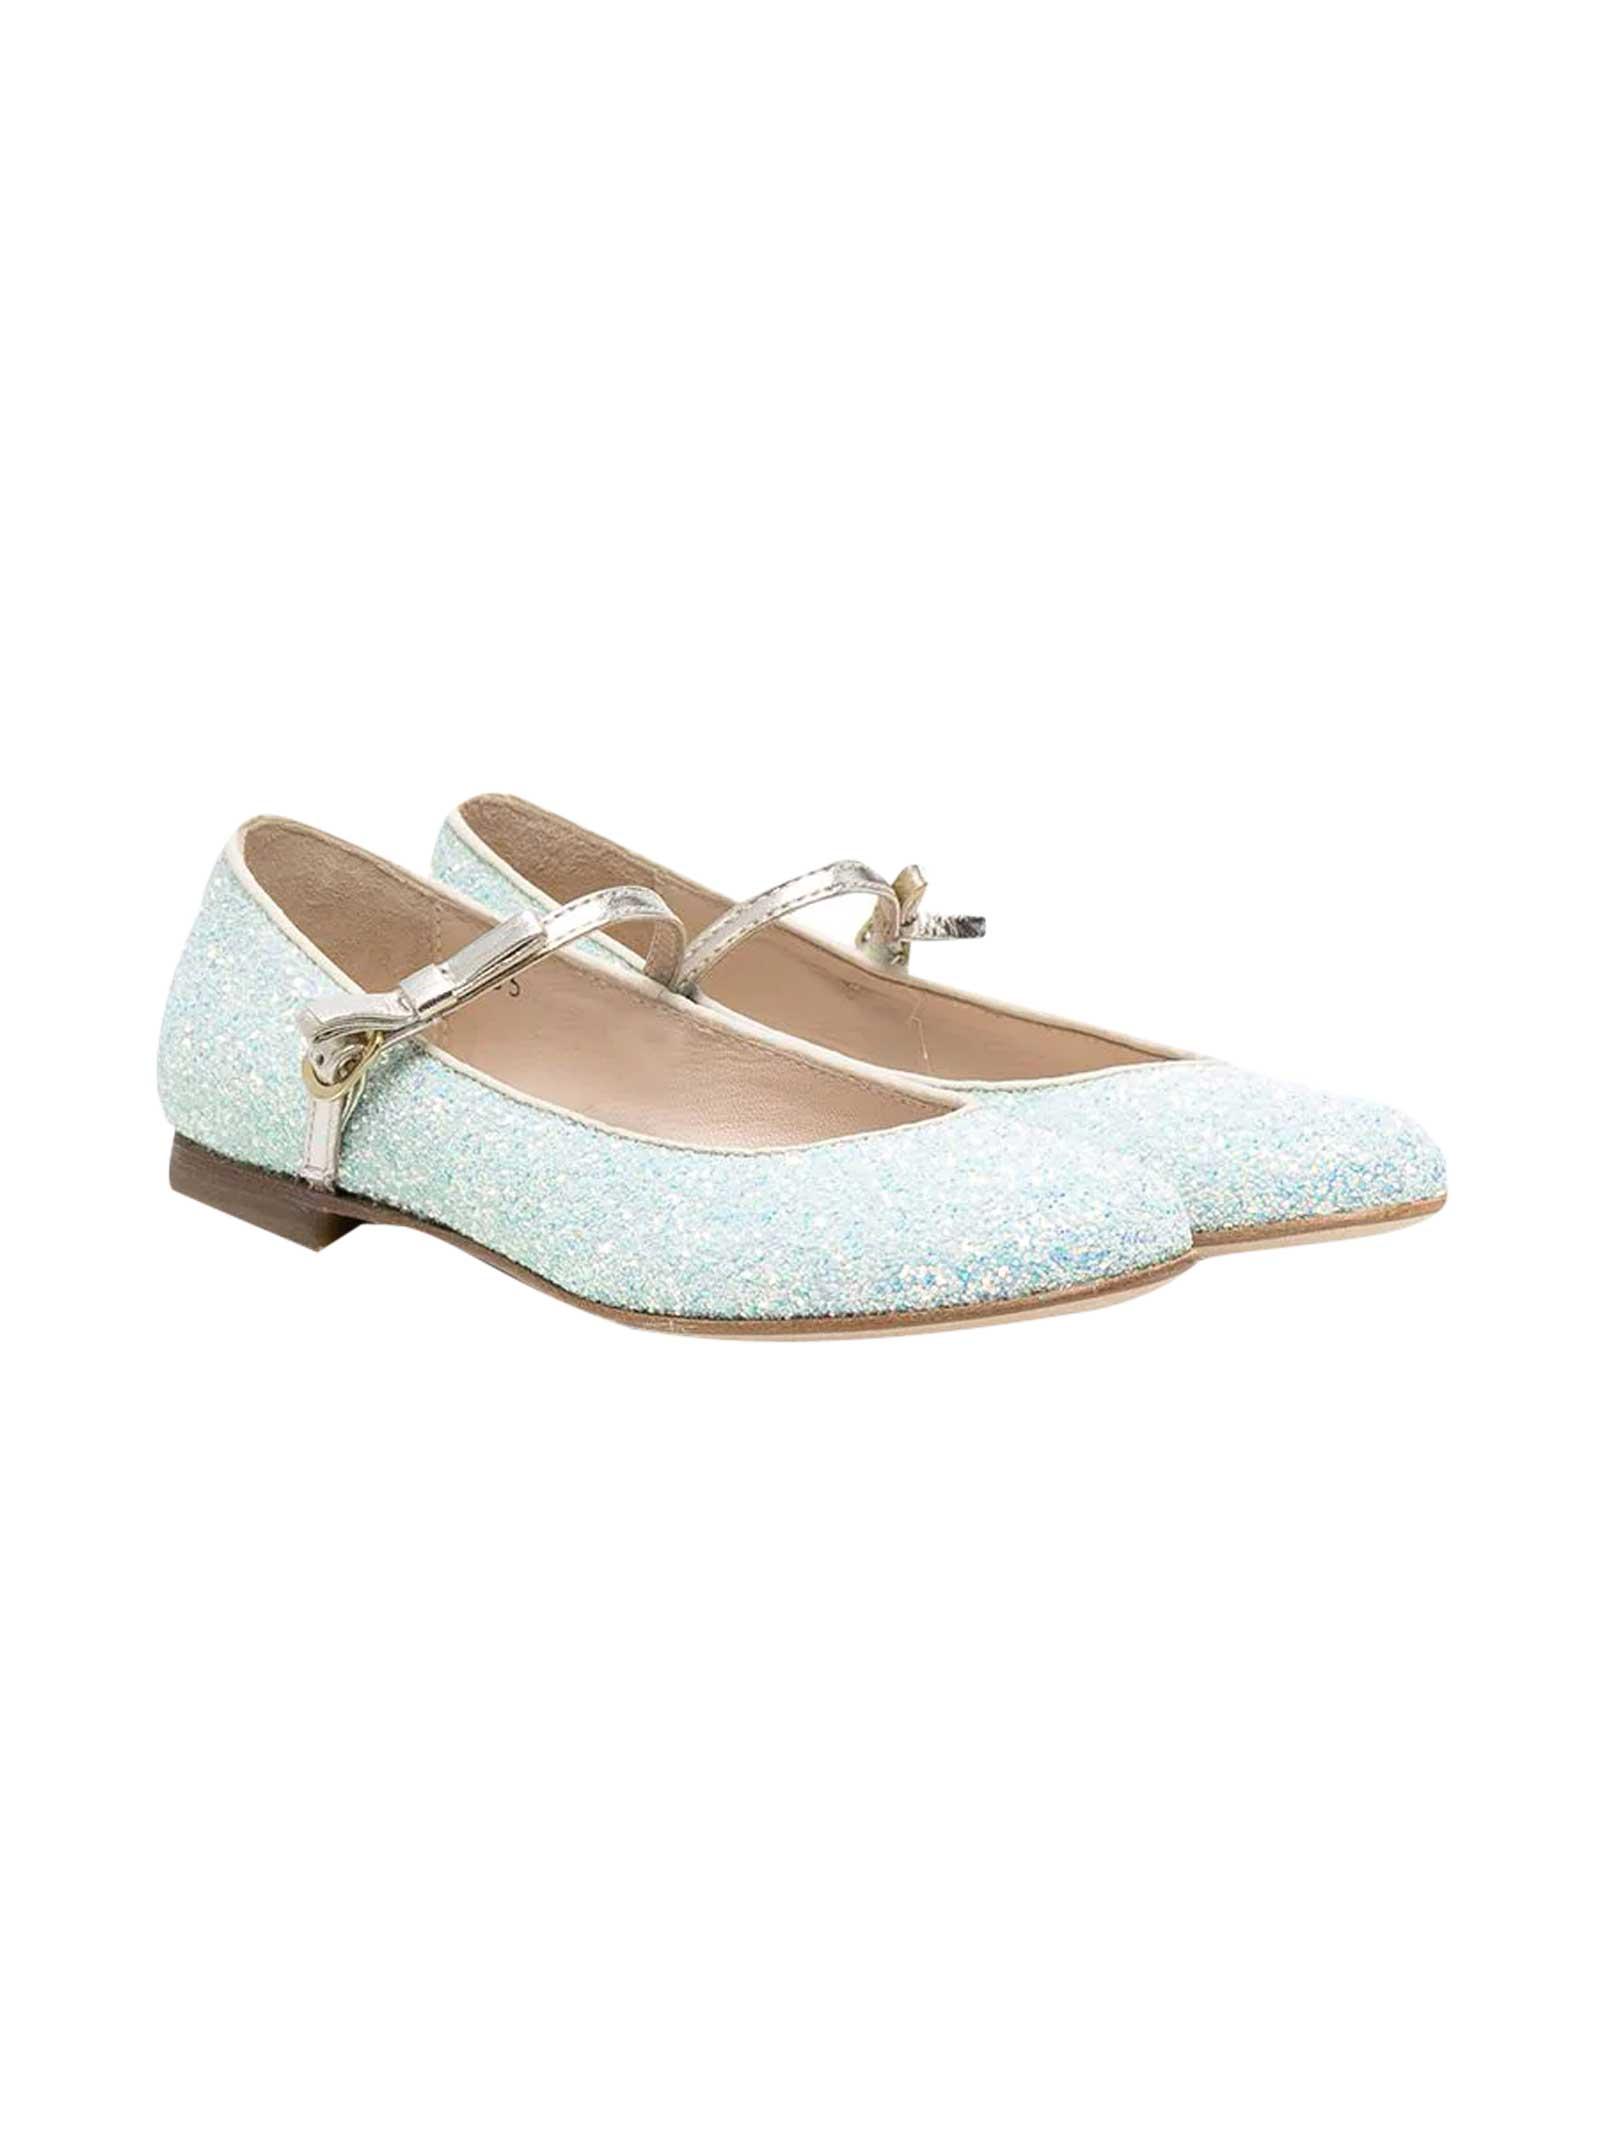 Gallucci Shoes BLUE GLITTER TEEN BALLET FLATS